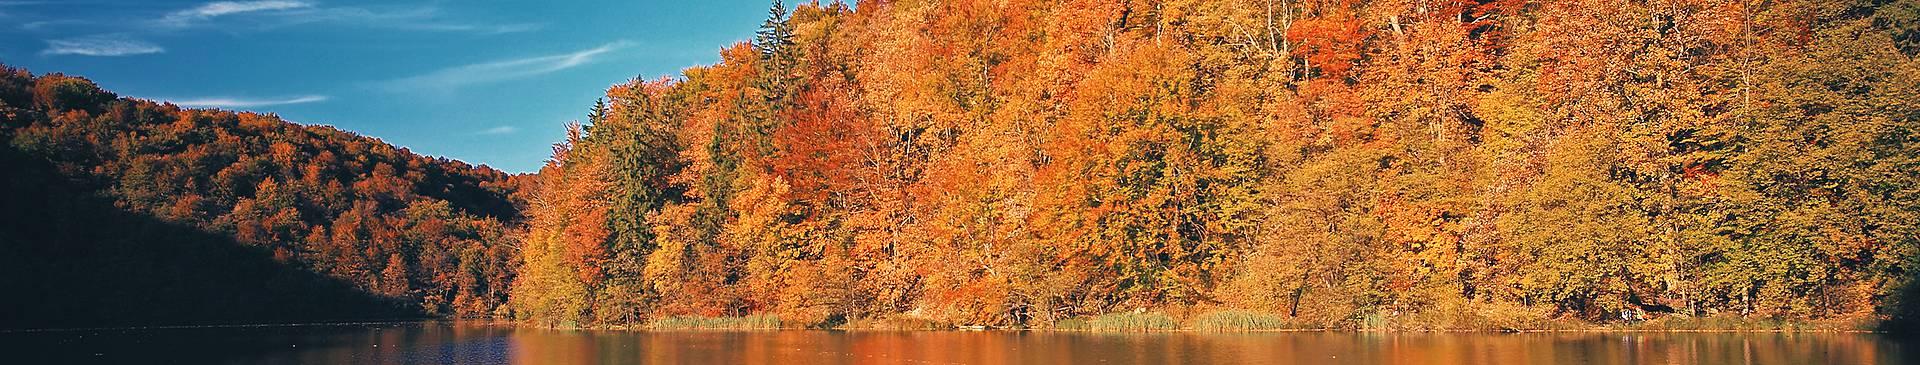 Viajes a Croacia en otoño